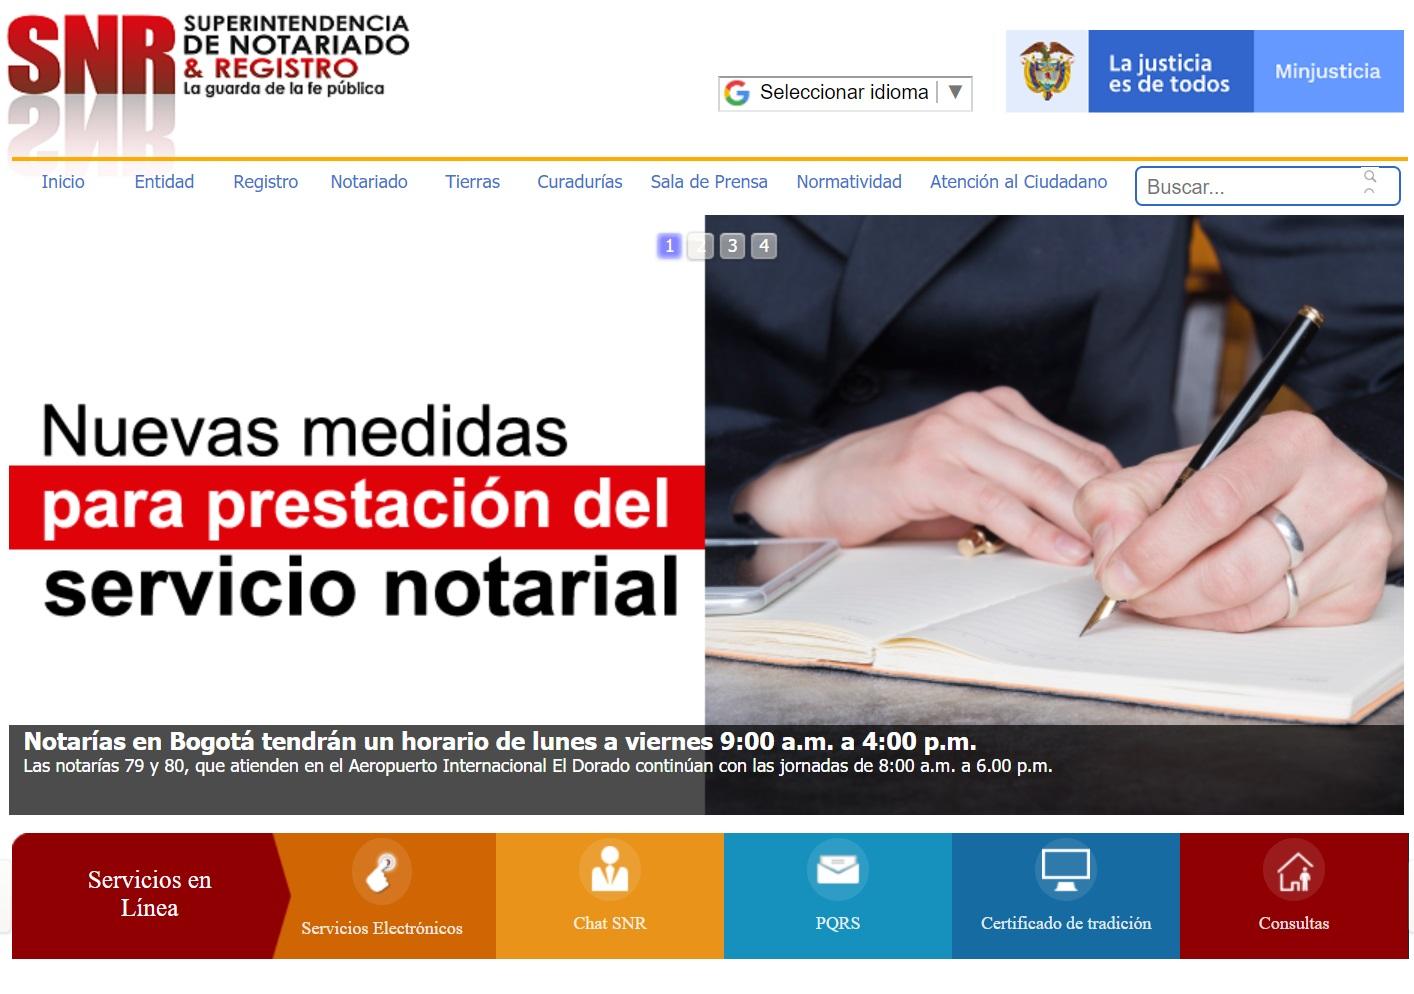 Vista previa de la página web de la Superintendencia de Notariado y Registro